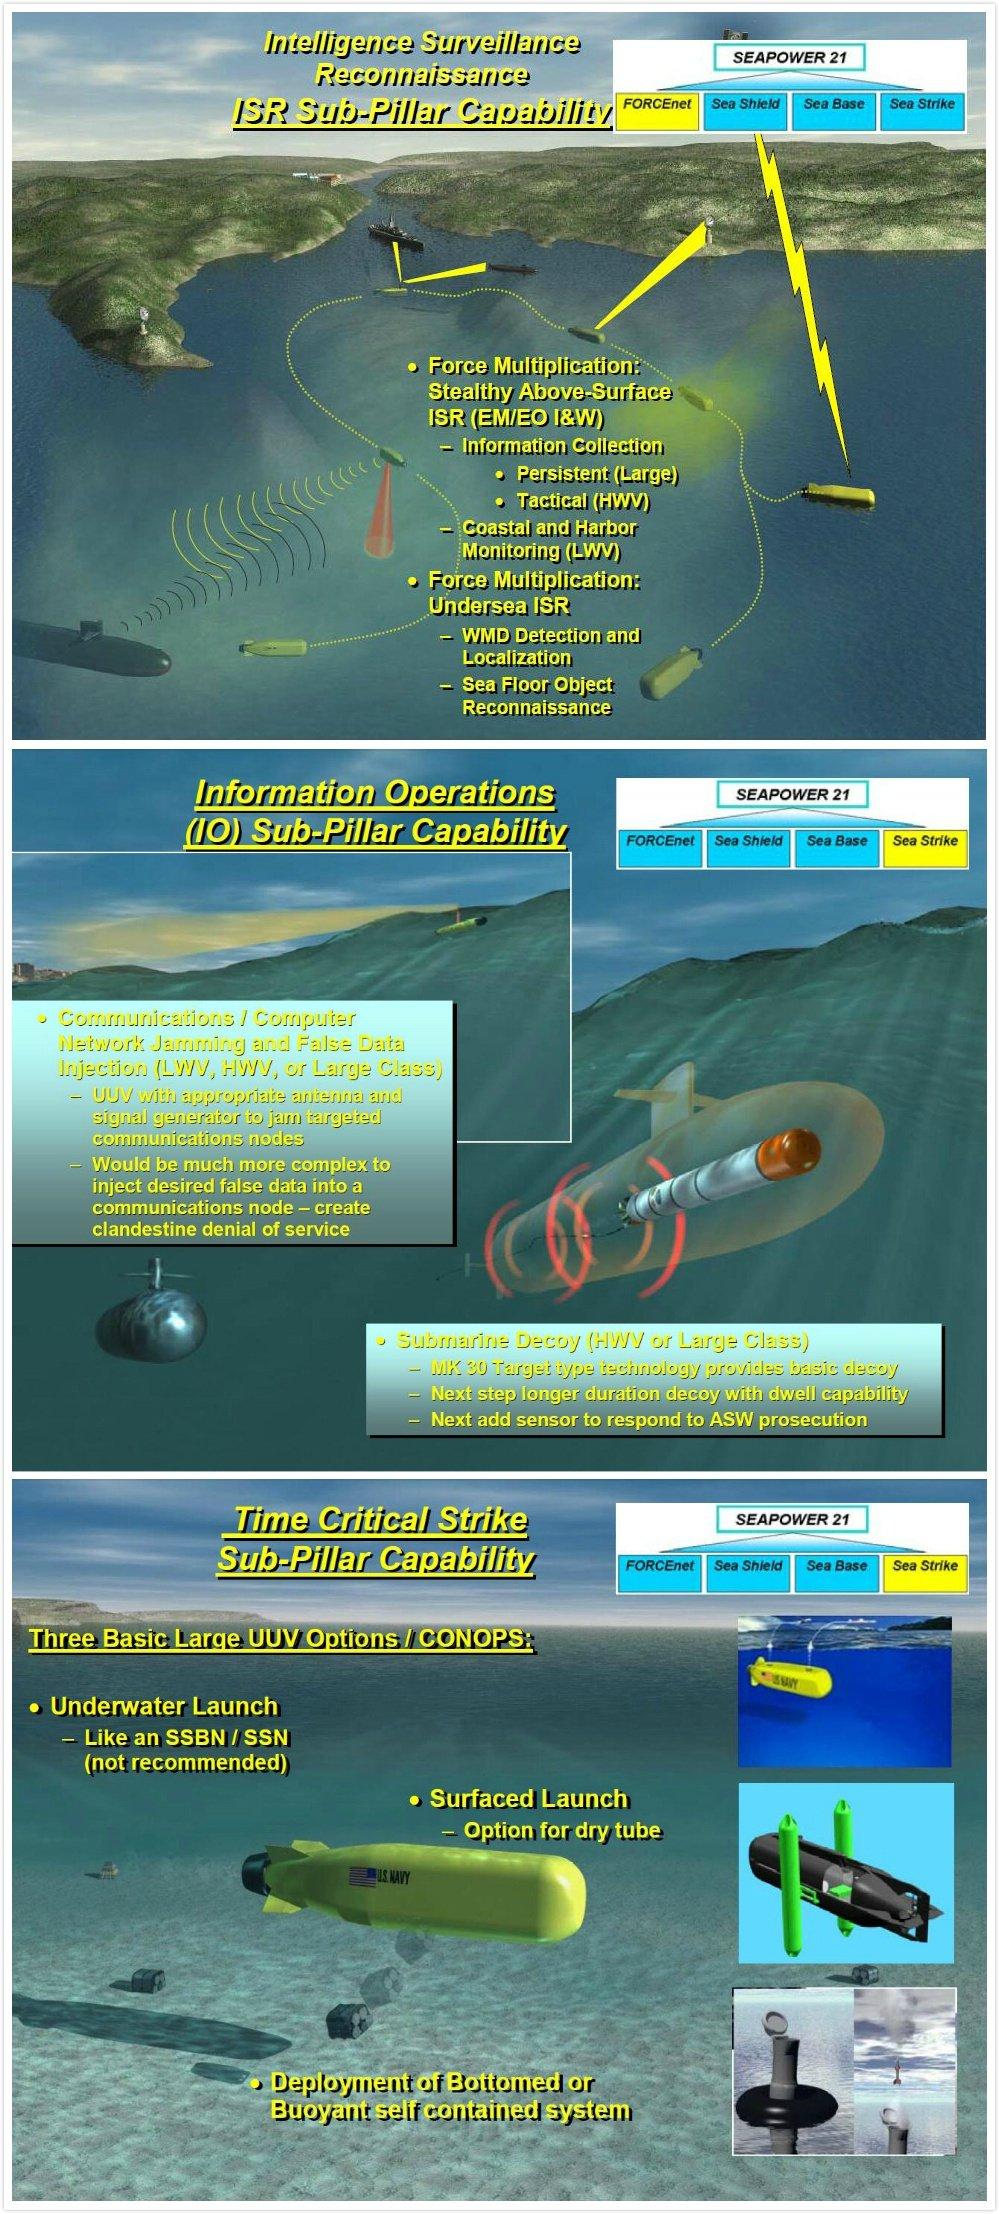 万吨巨舰,美军公布下一代核潜艇方案,力图扩大对中国优势